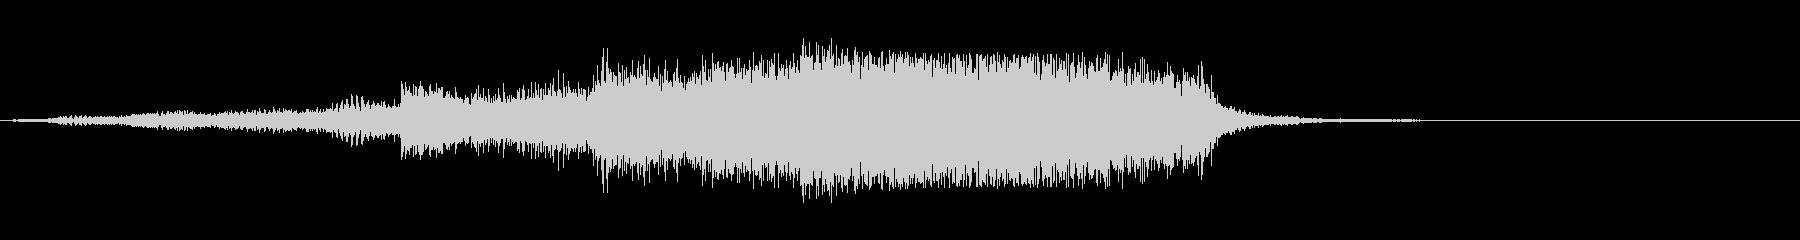 シンセとベルによるチャプター開始音の未再生の波形